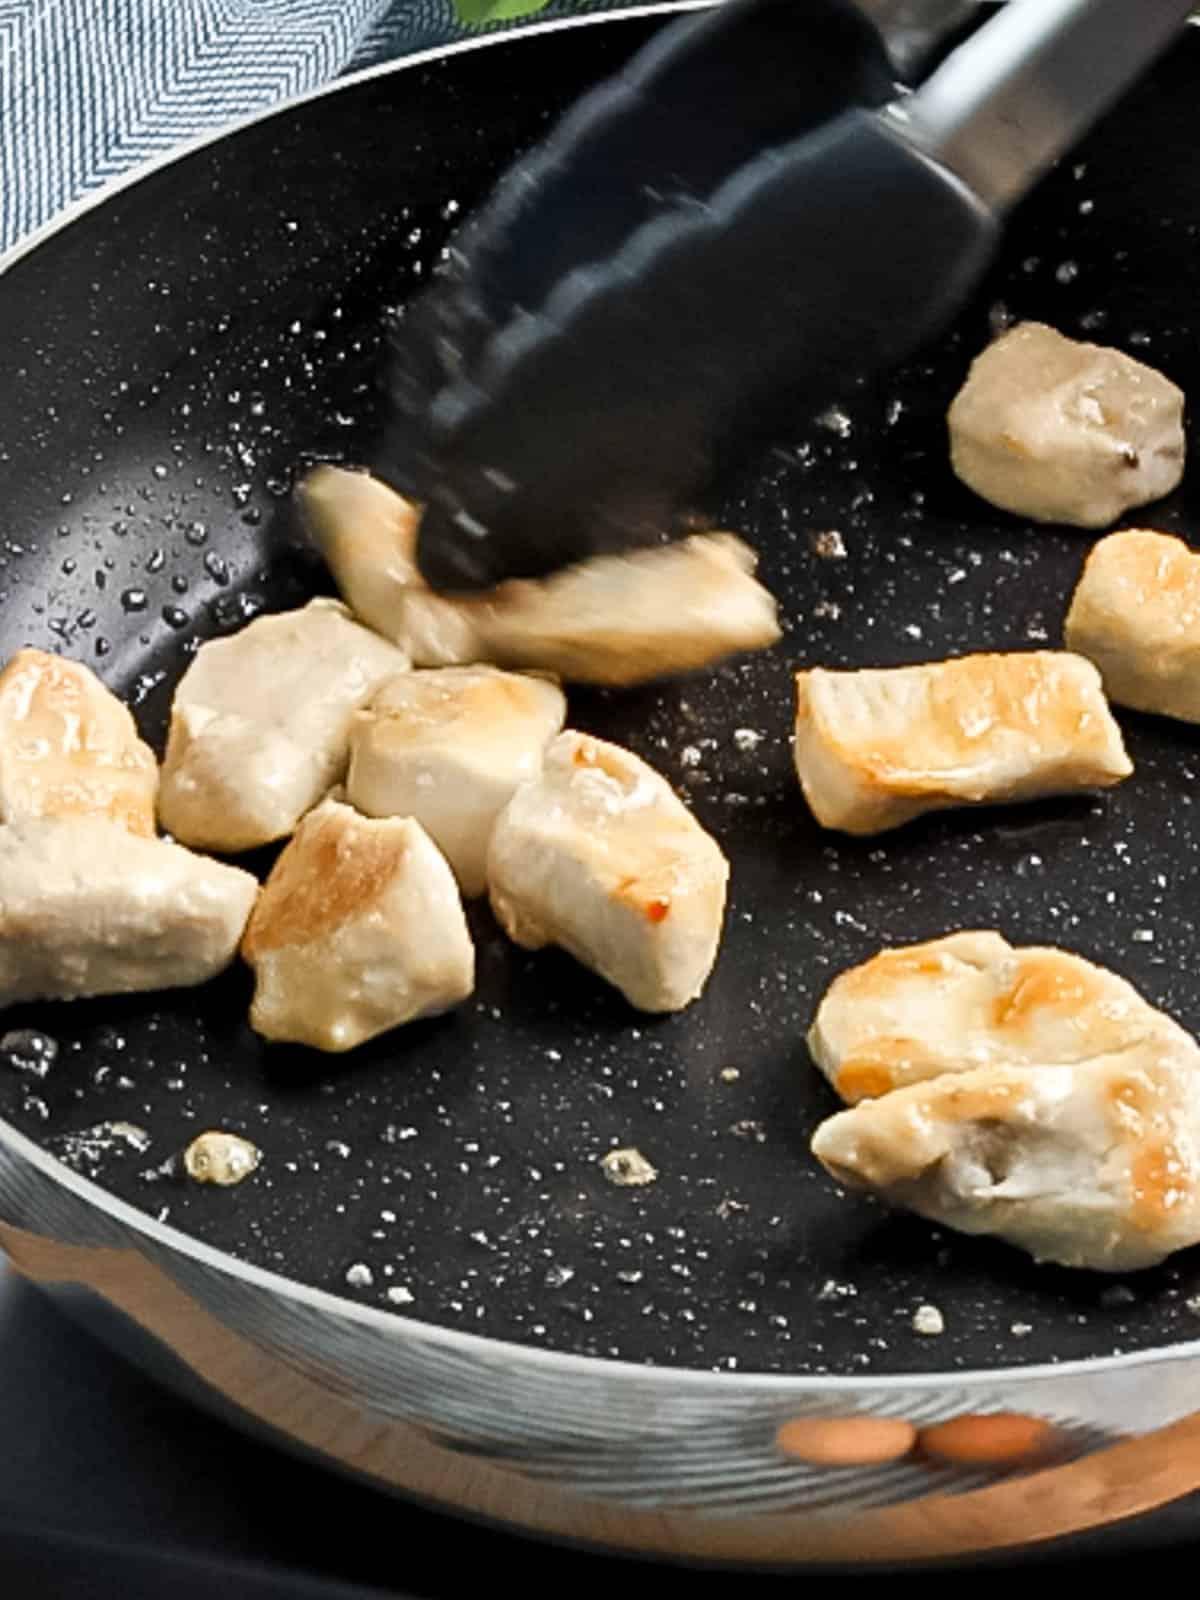 Chicken being stir fried in a pan.